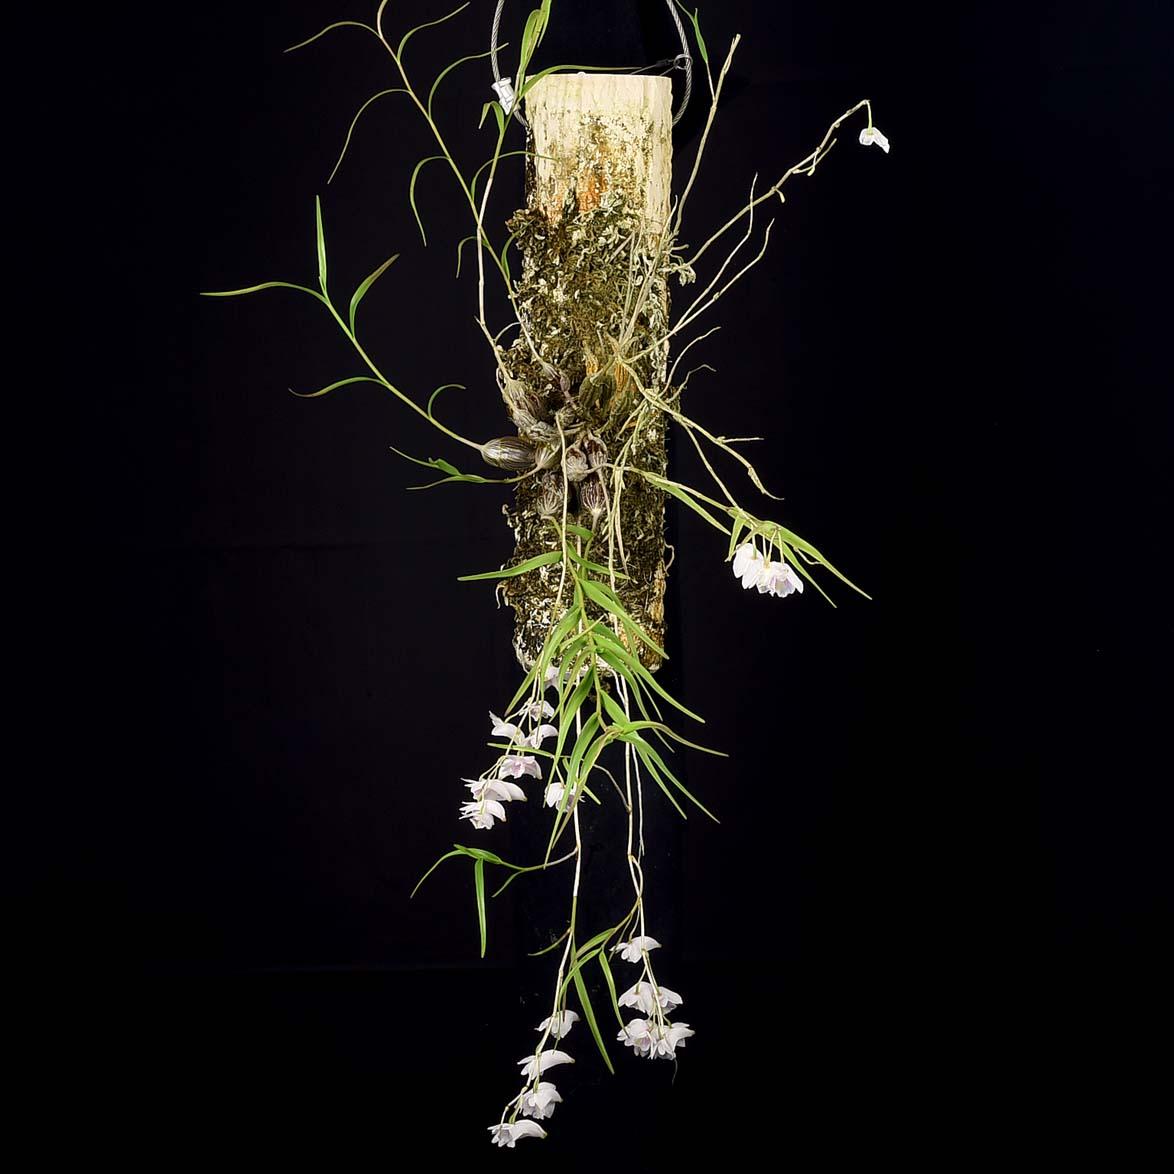 Dendrobium linearifolium